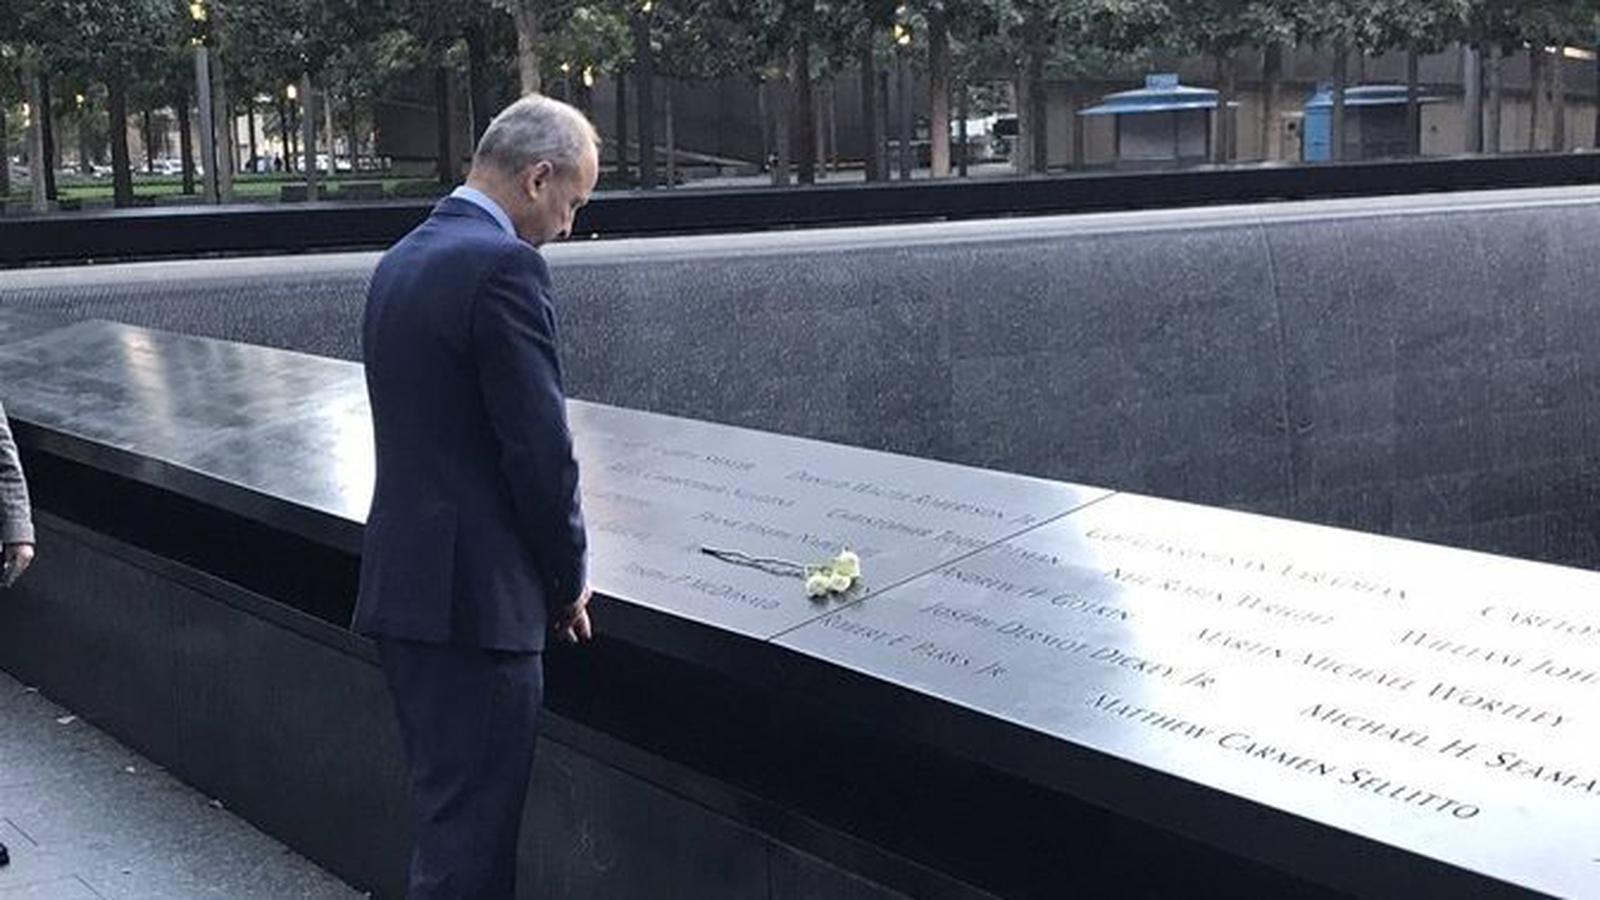 Taoiseach visits 9/11 memorial in New York